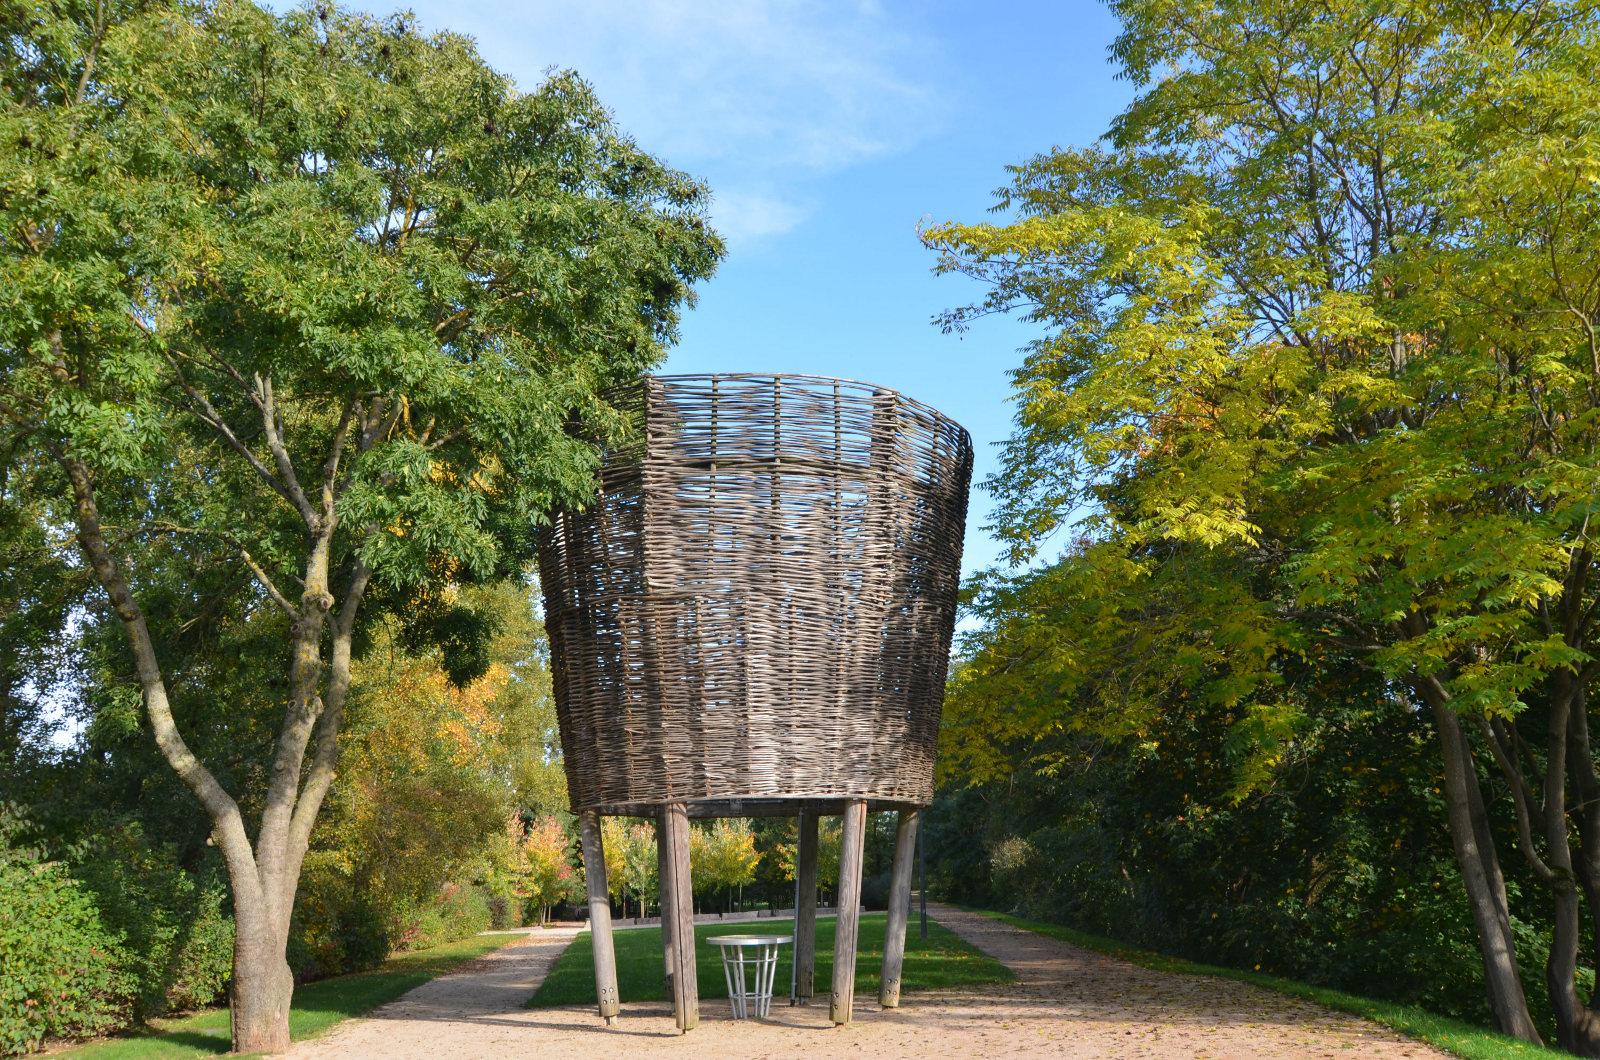 Le parc des rives de la thur cernay - Office de tourisme de cernay ...